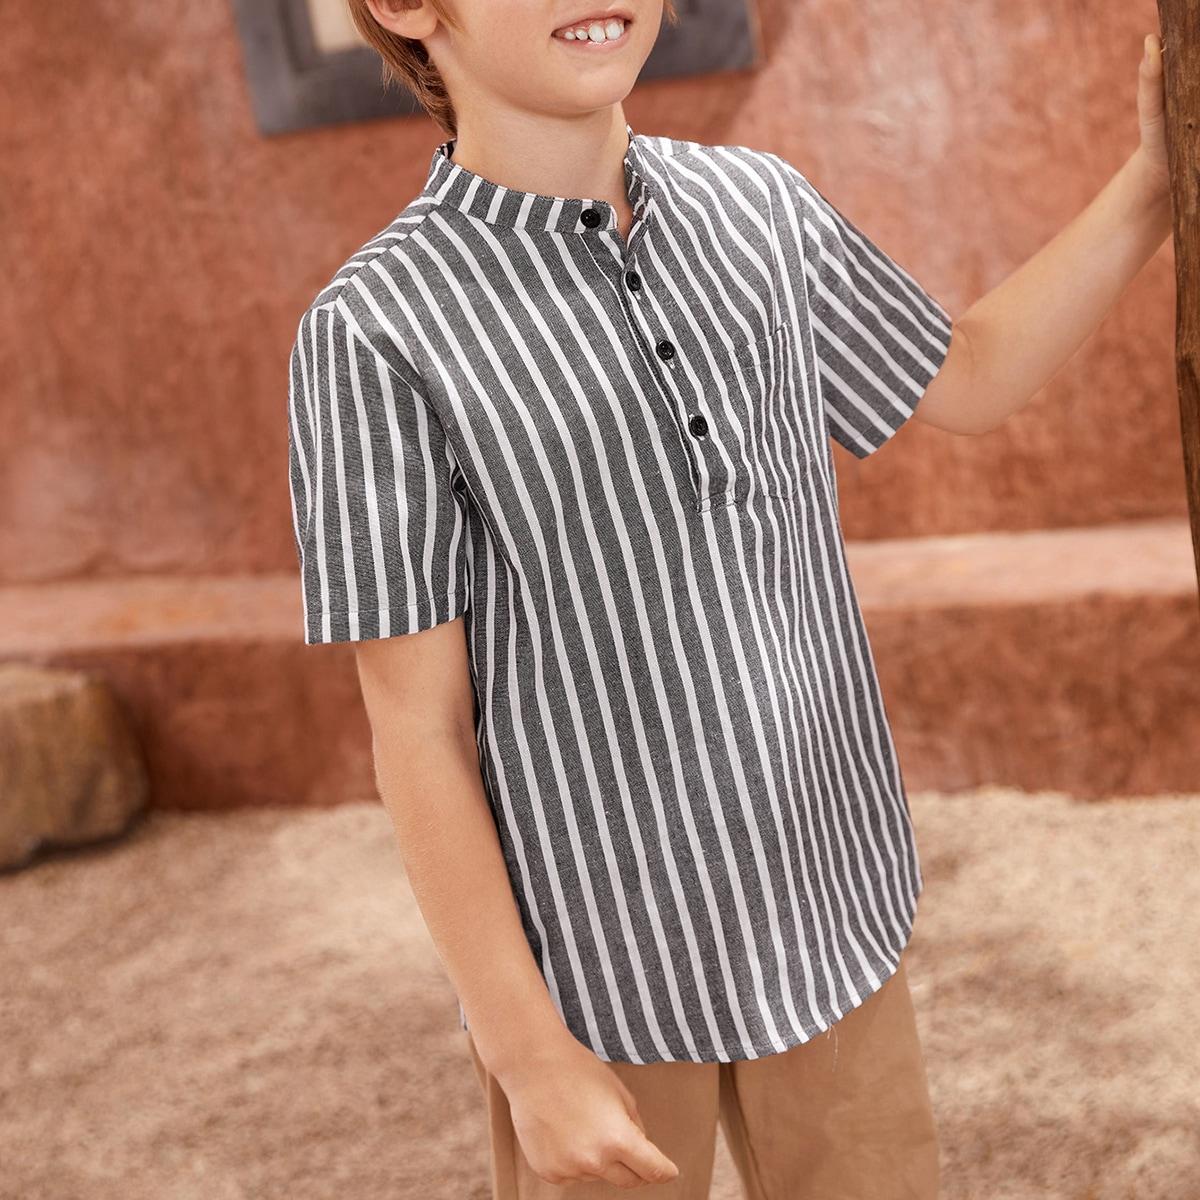 Рубашка из 60% хлопка в полоску с пуговицами для мальчиков